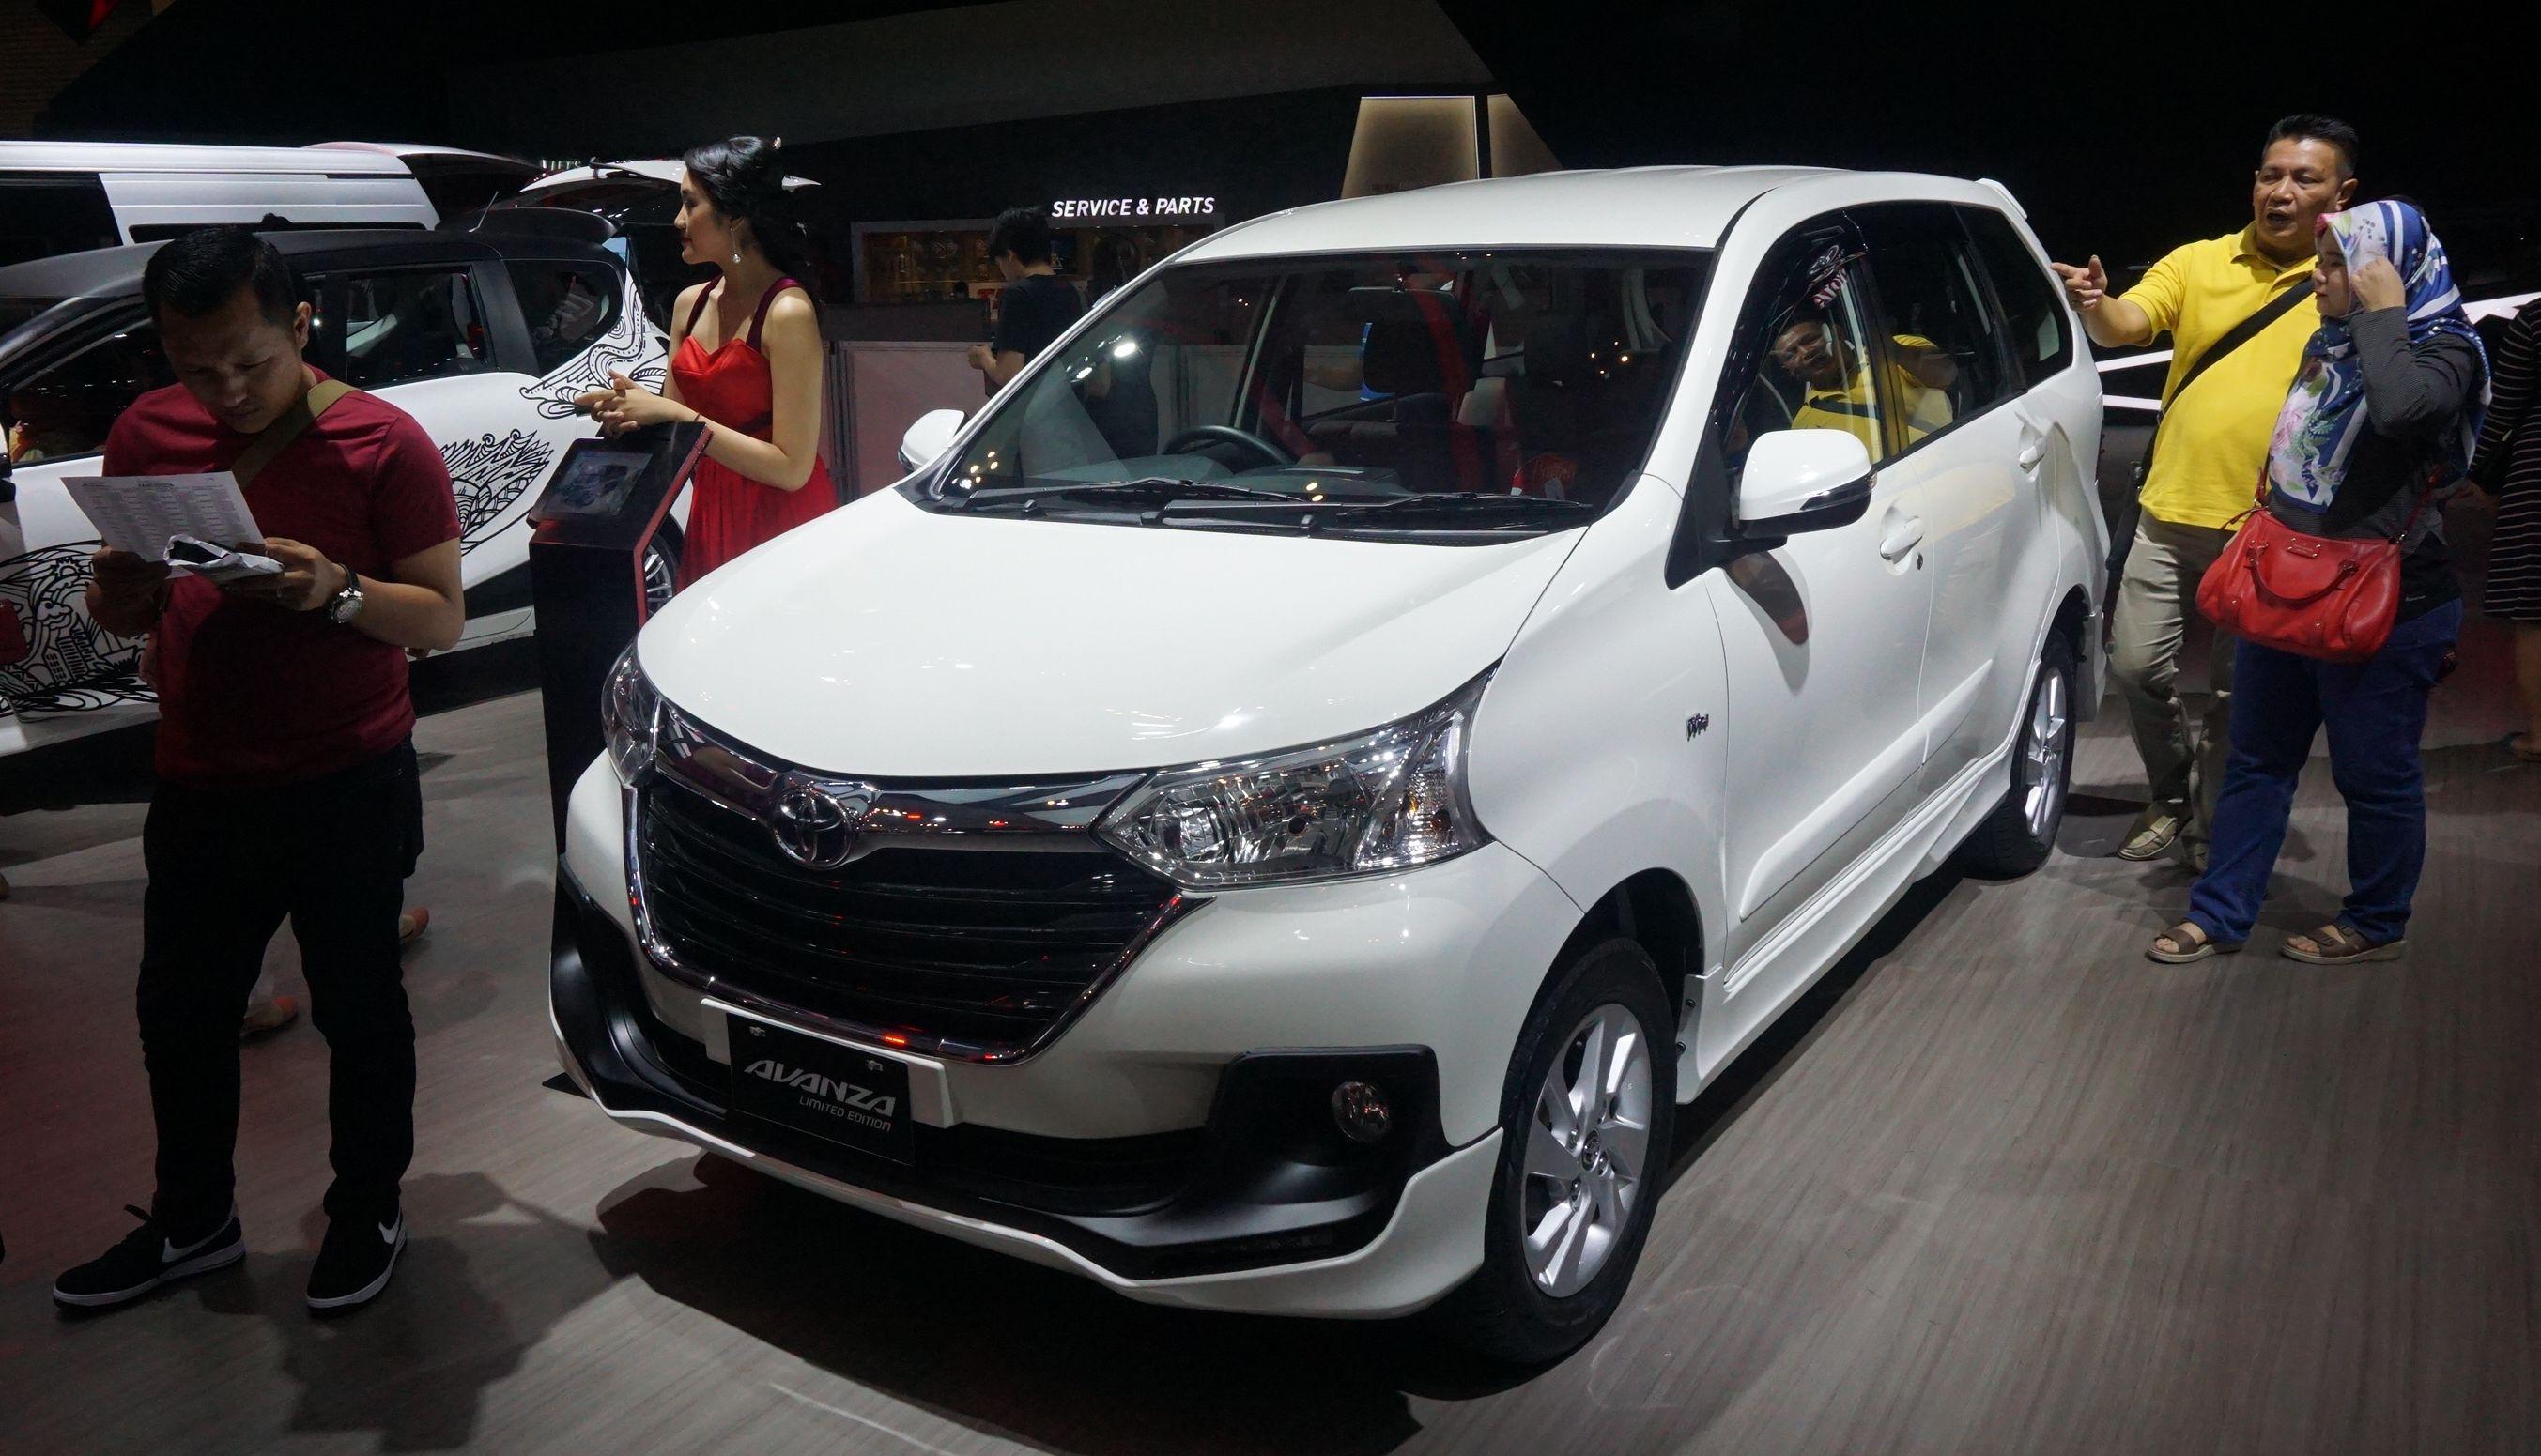 Toyota Tak Mau Buru-buru Keluarkan Avanza Baru